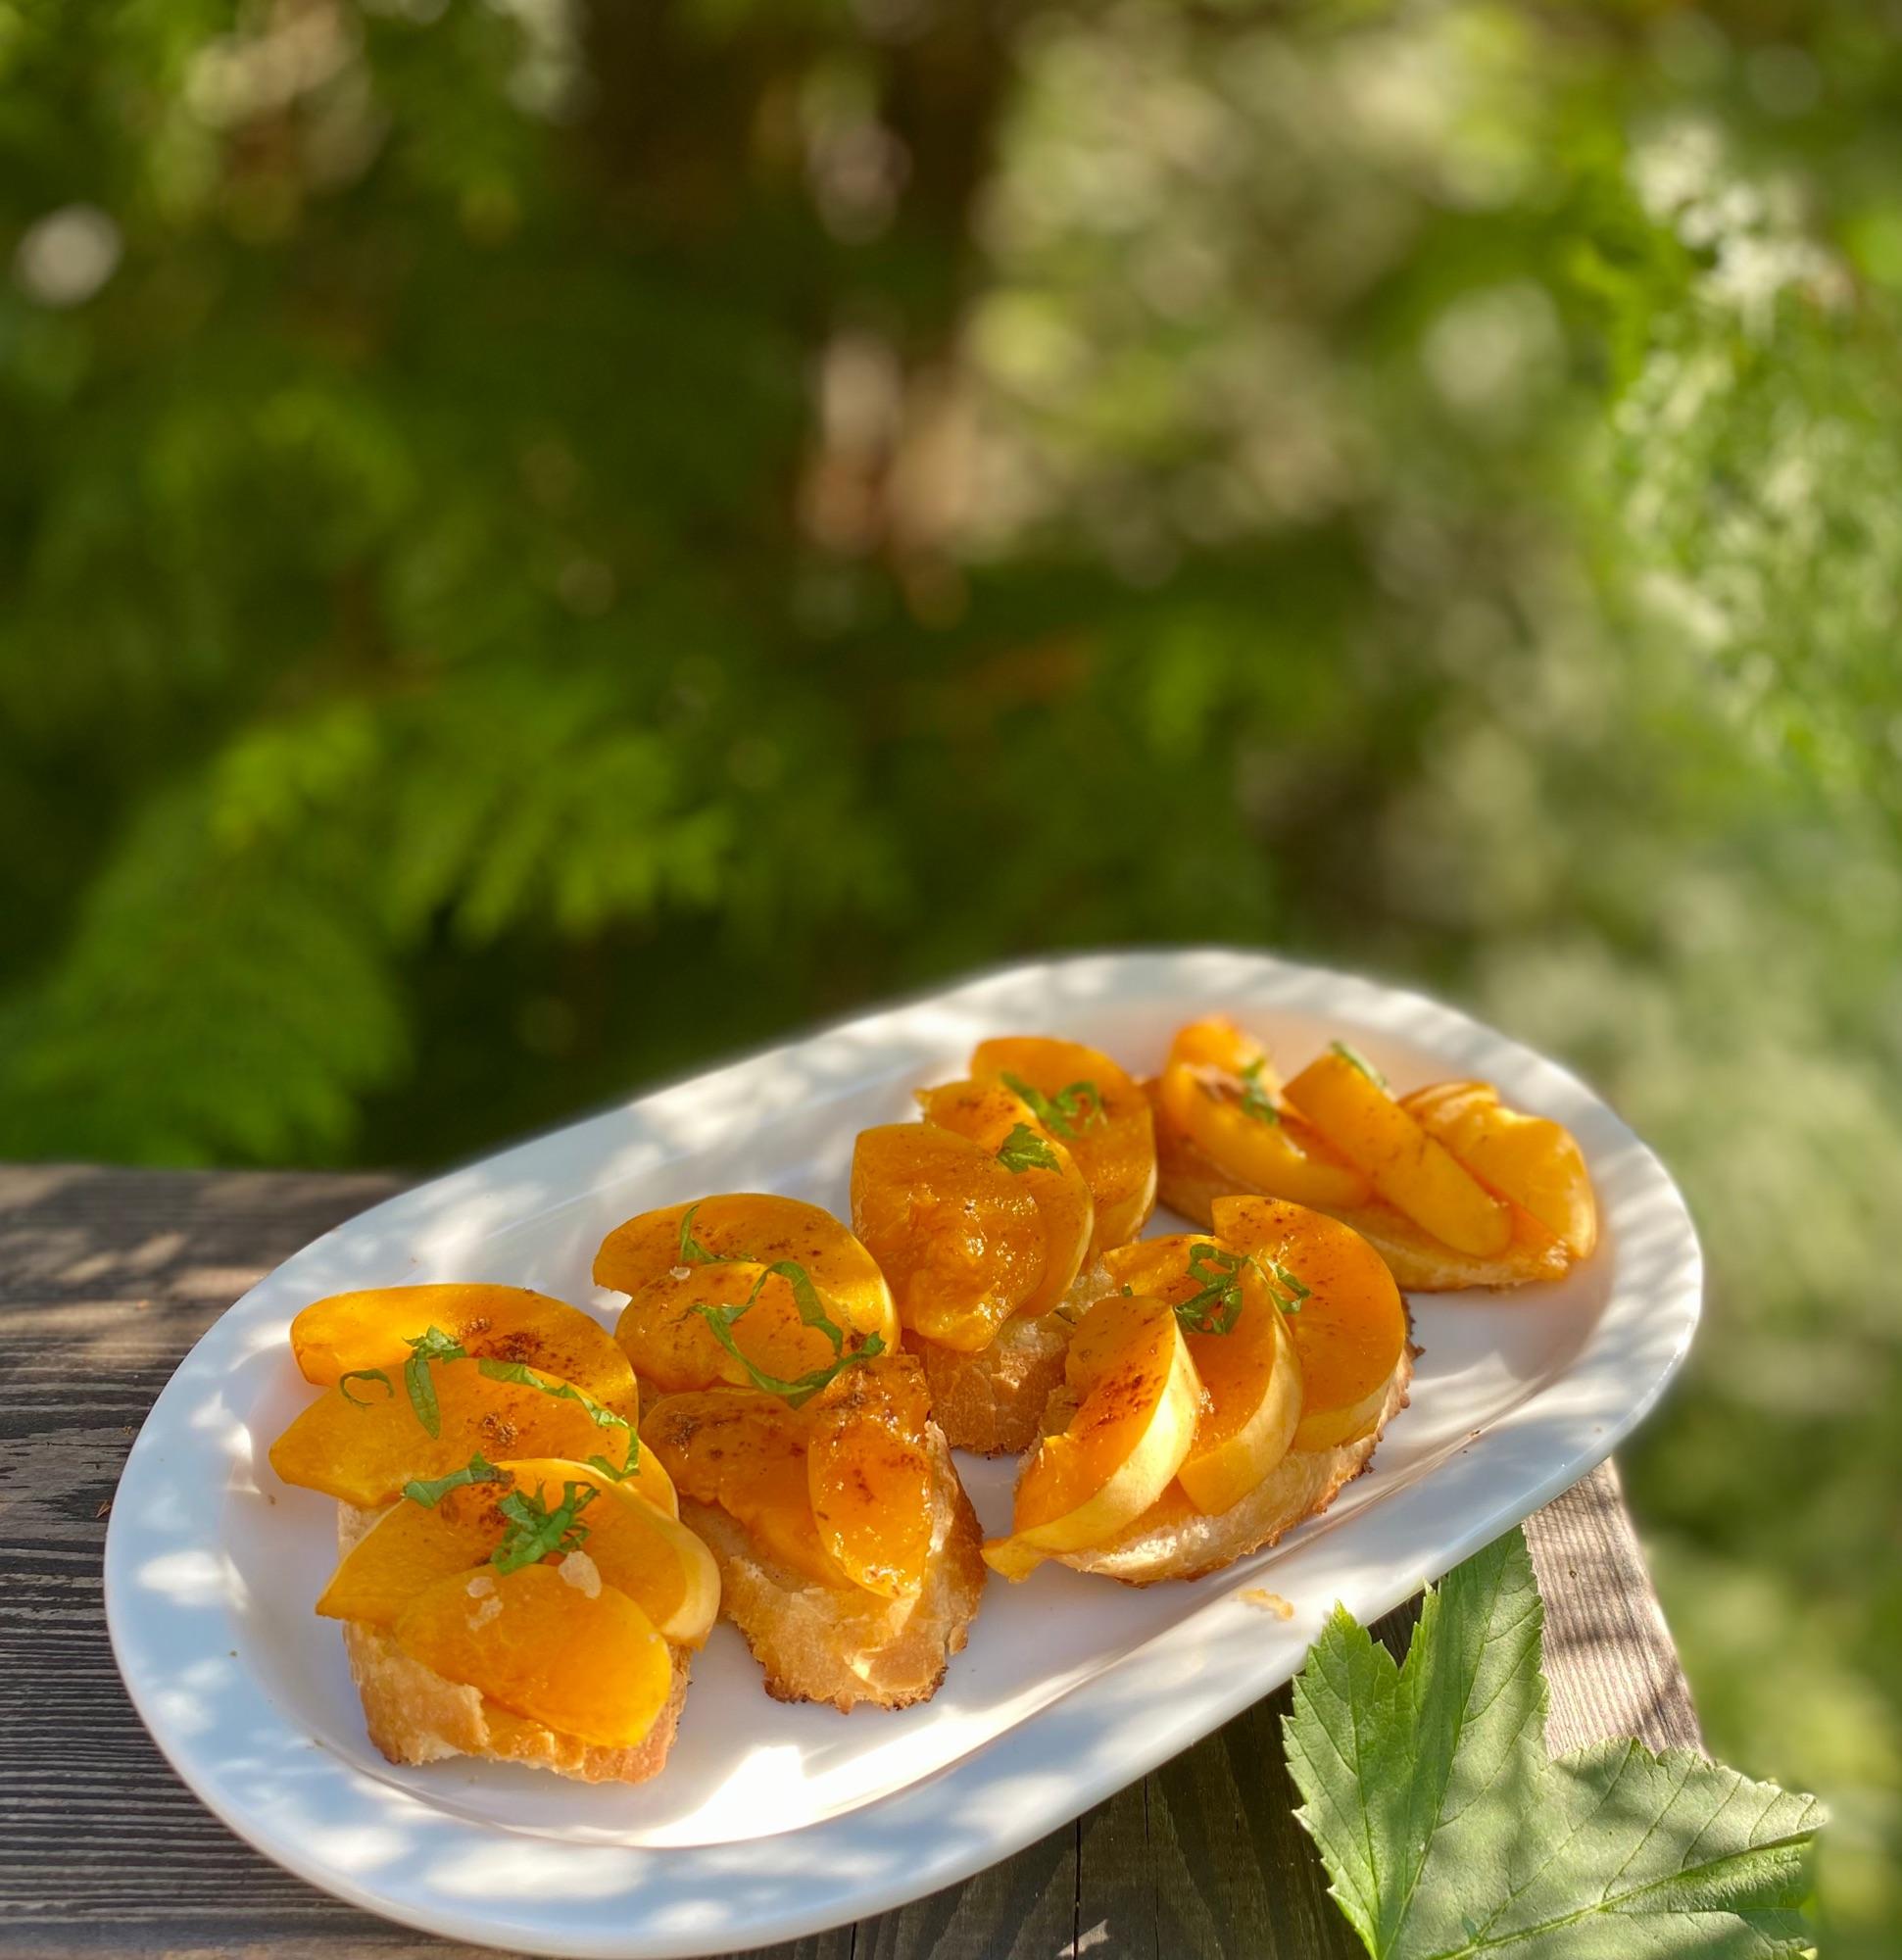 Любимый лктний завтрак. Очень хорошо и с лесной щемляникой, черникой, кусочками любых фруктов.